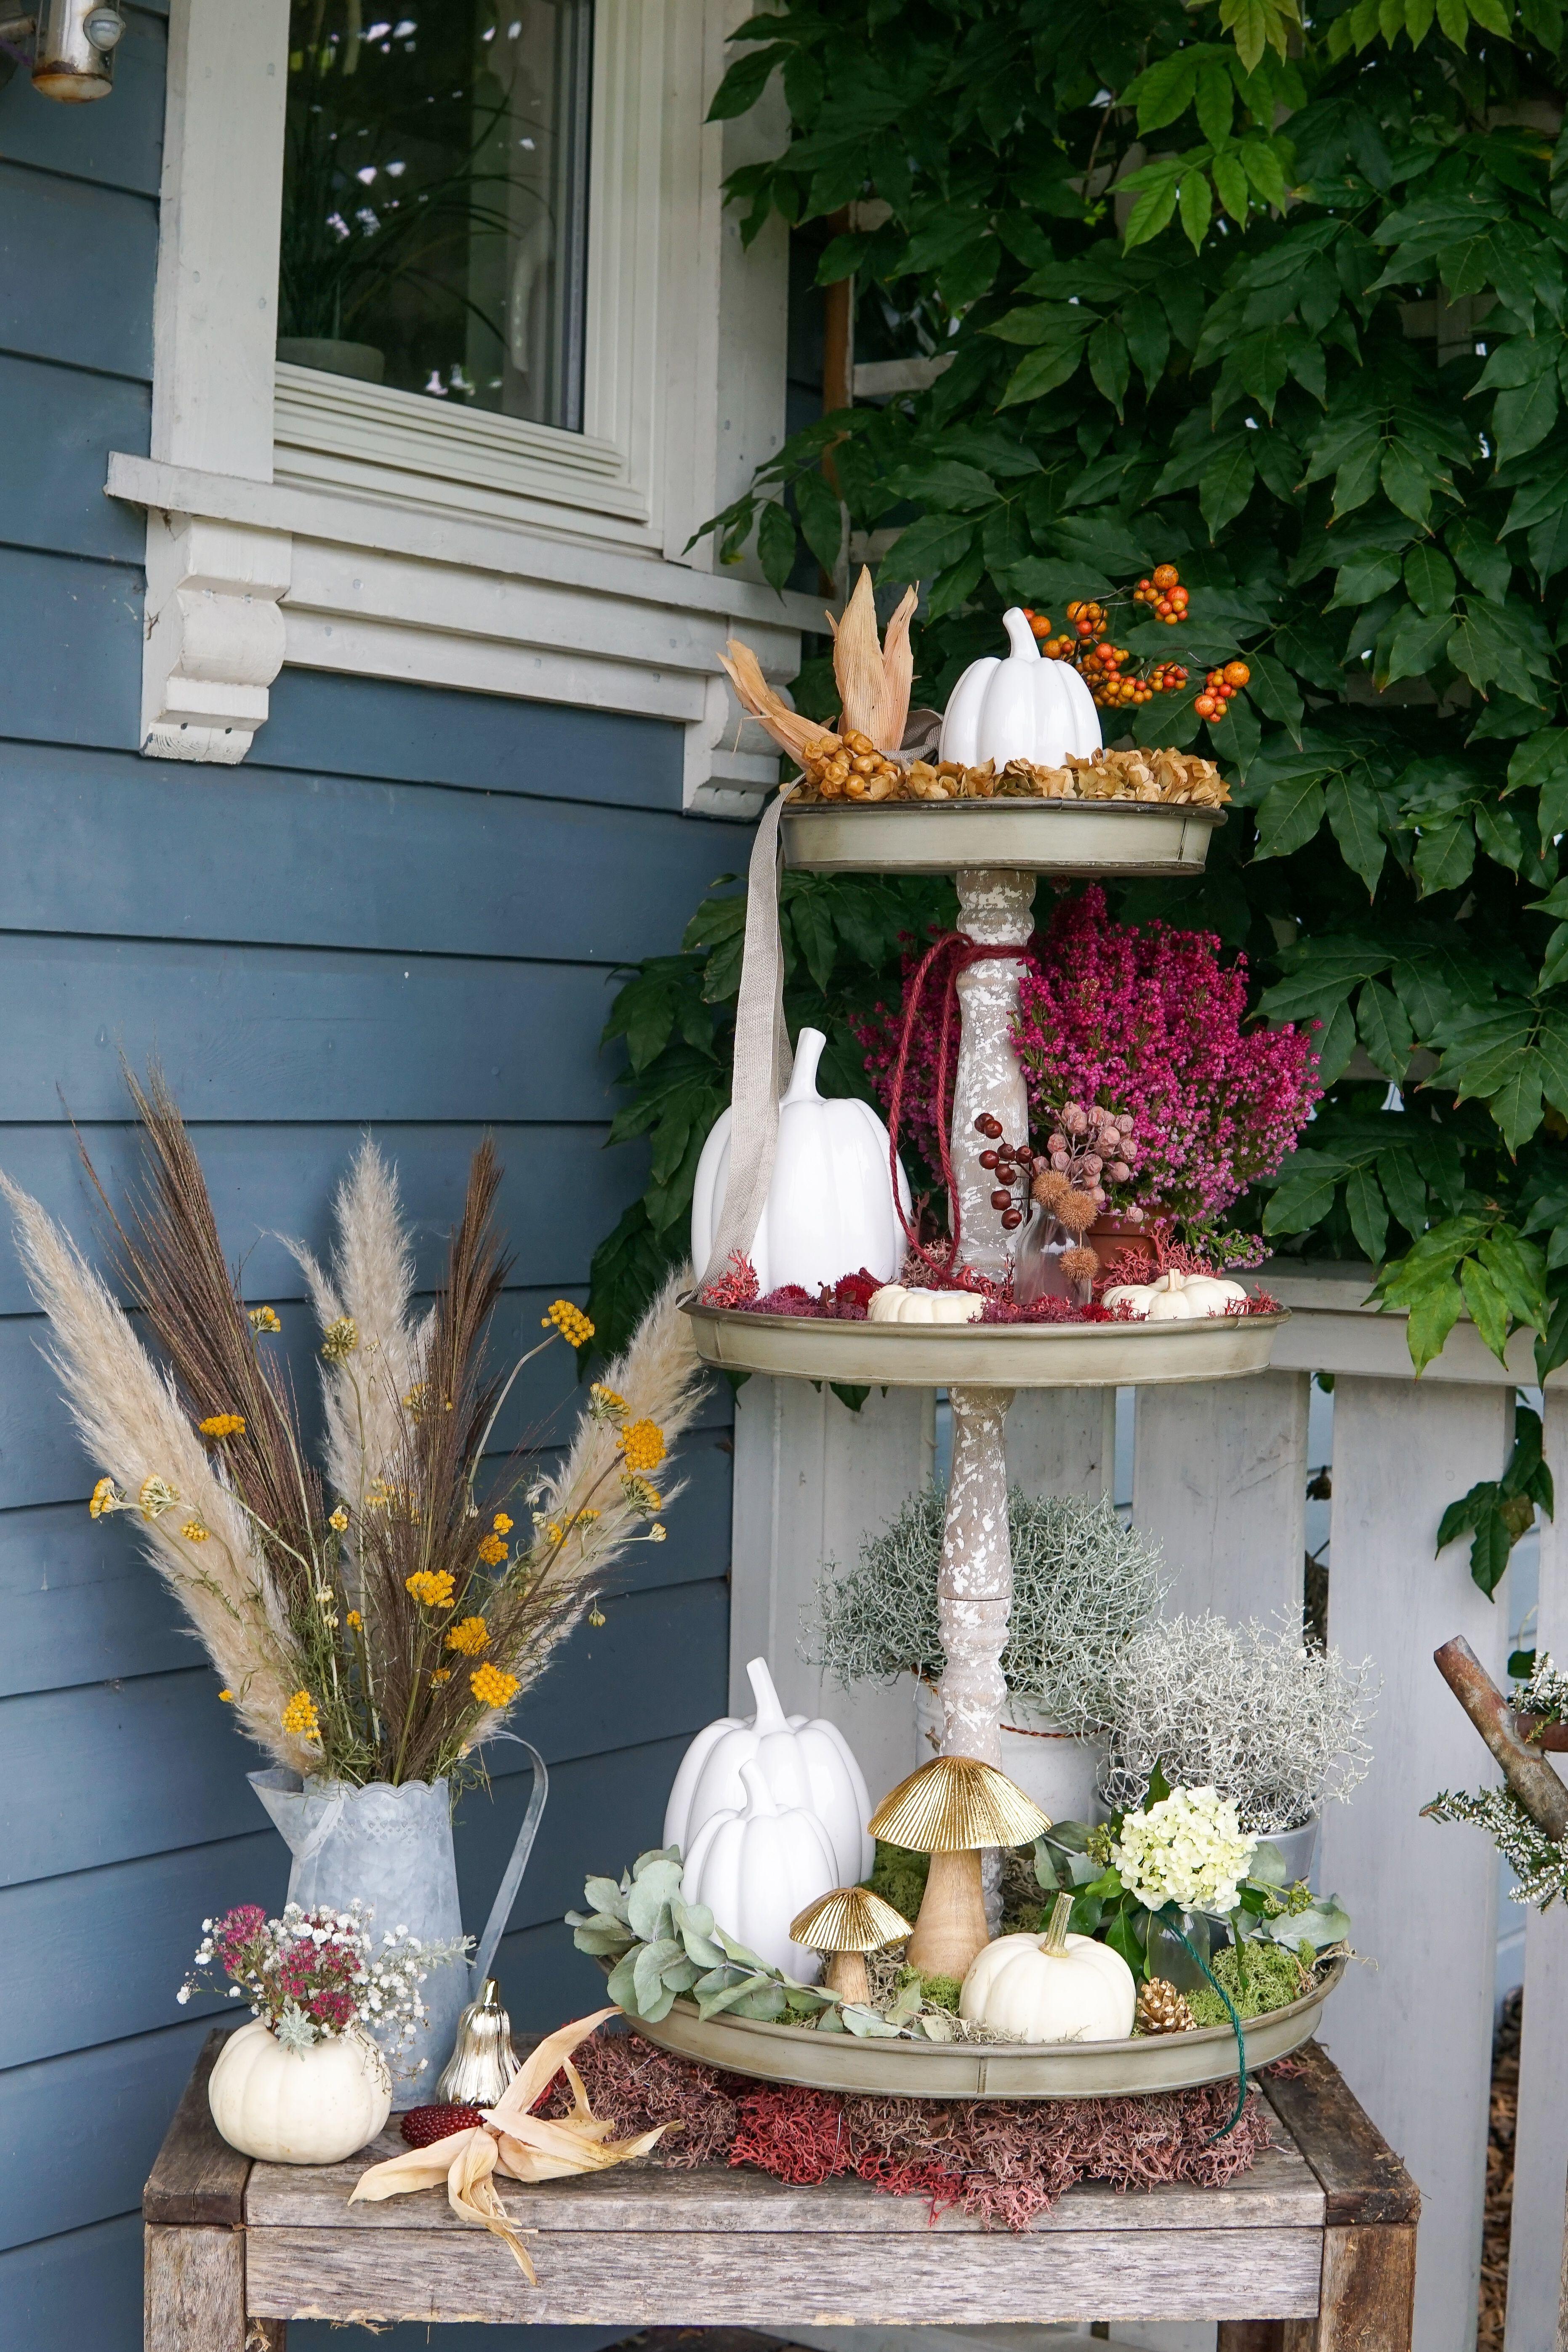 Herbstliche Etagere Herbstdeko Fur Draussen Herbstdeko Herbst Dekoration